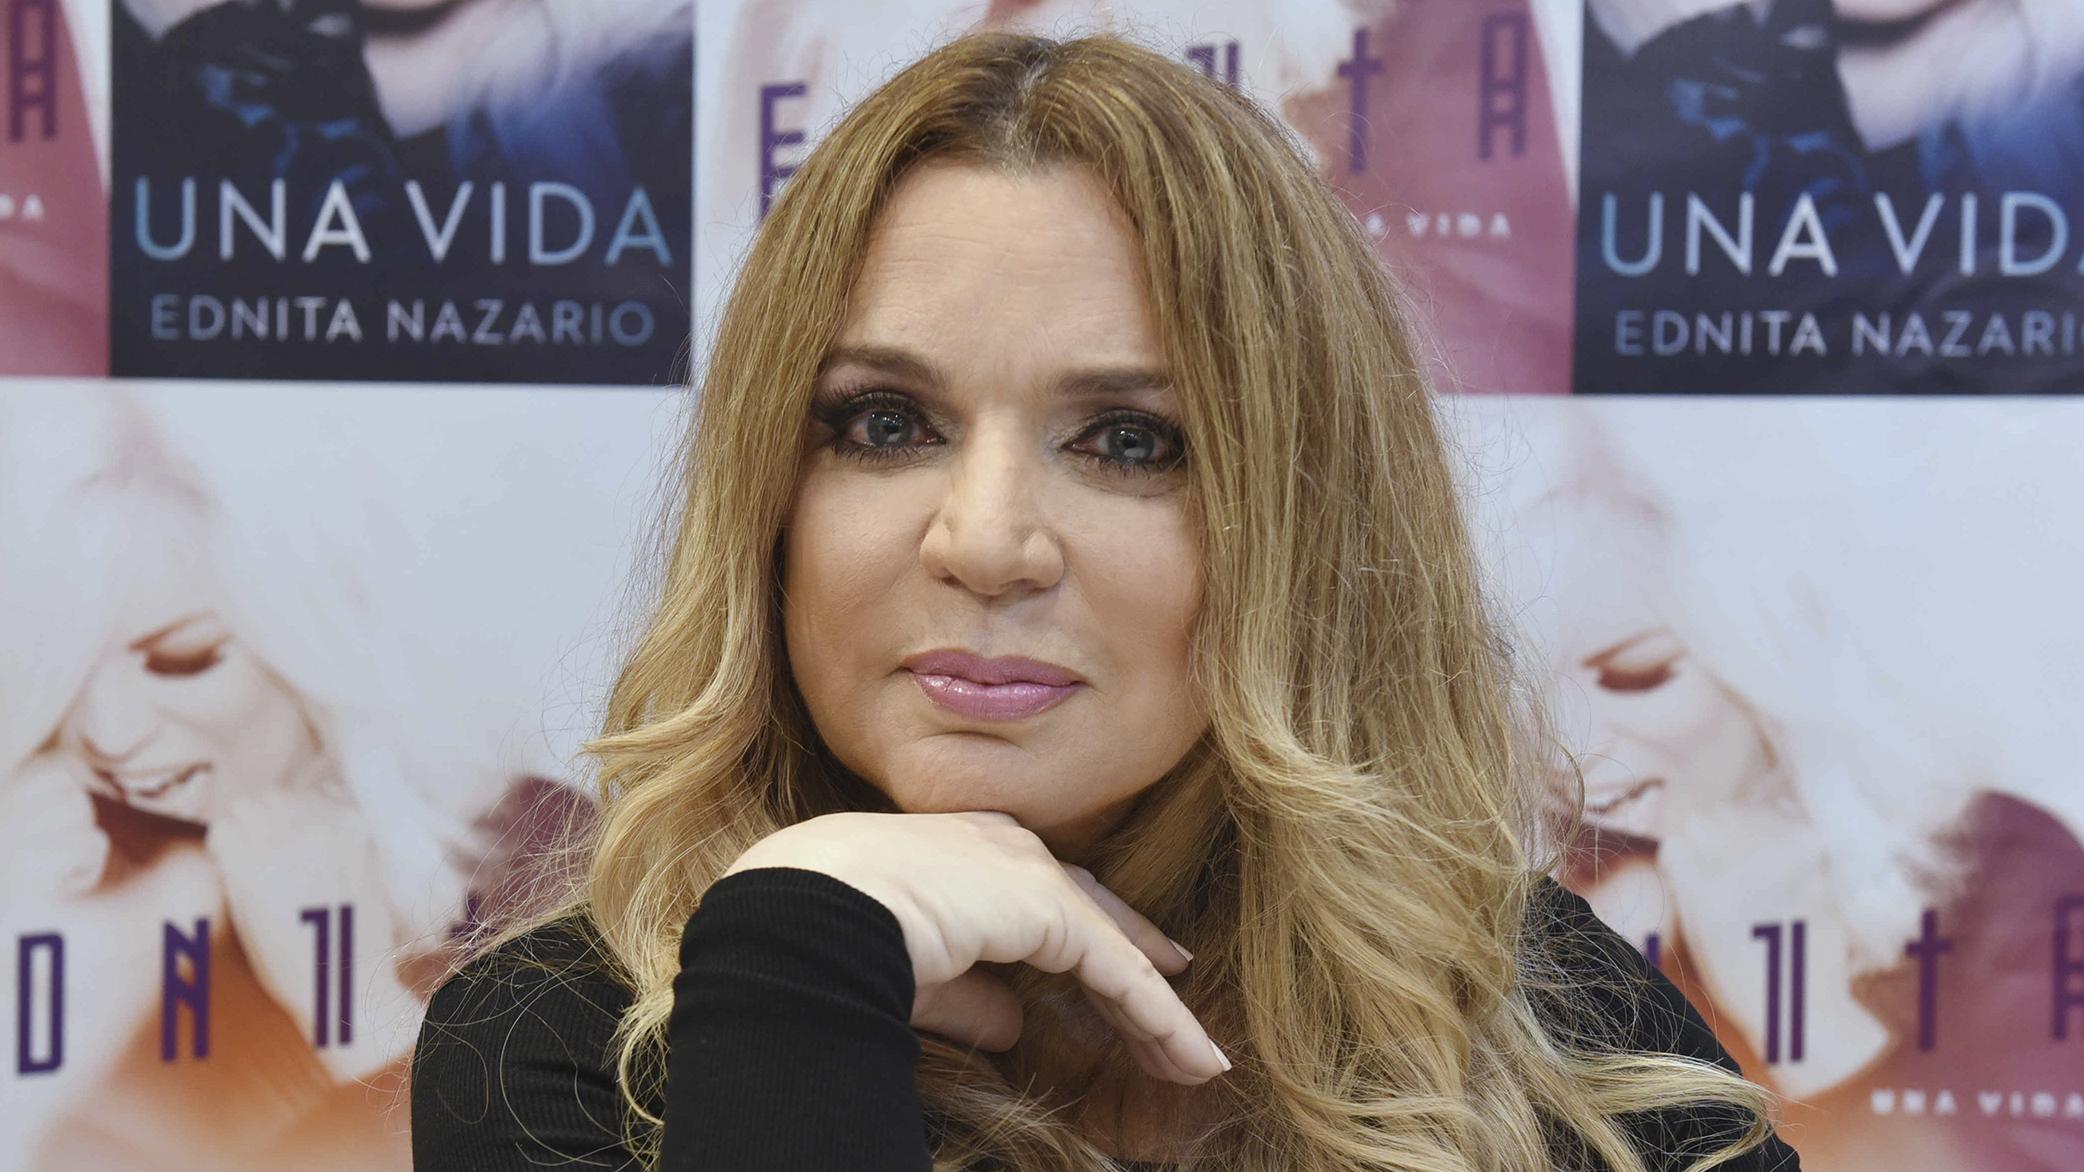 Aclaran detalles sobre la demanda contra Ednita Nazario y su exesposo